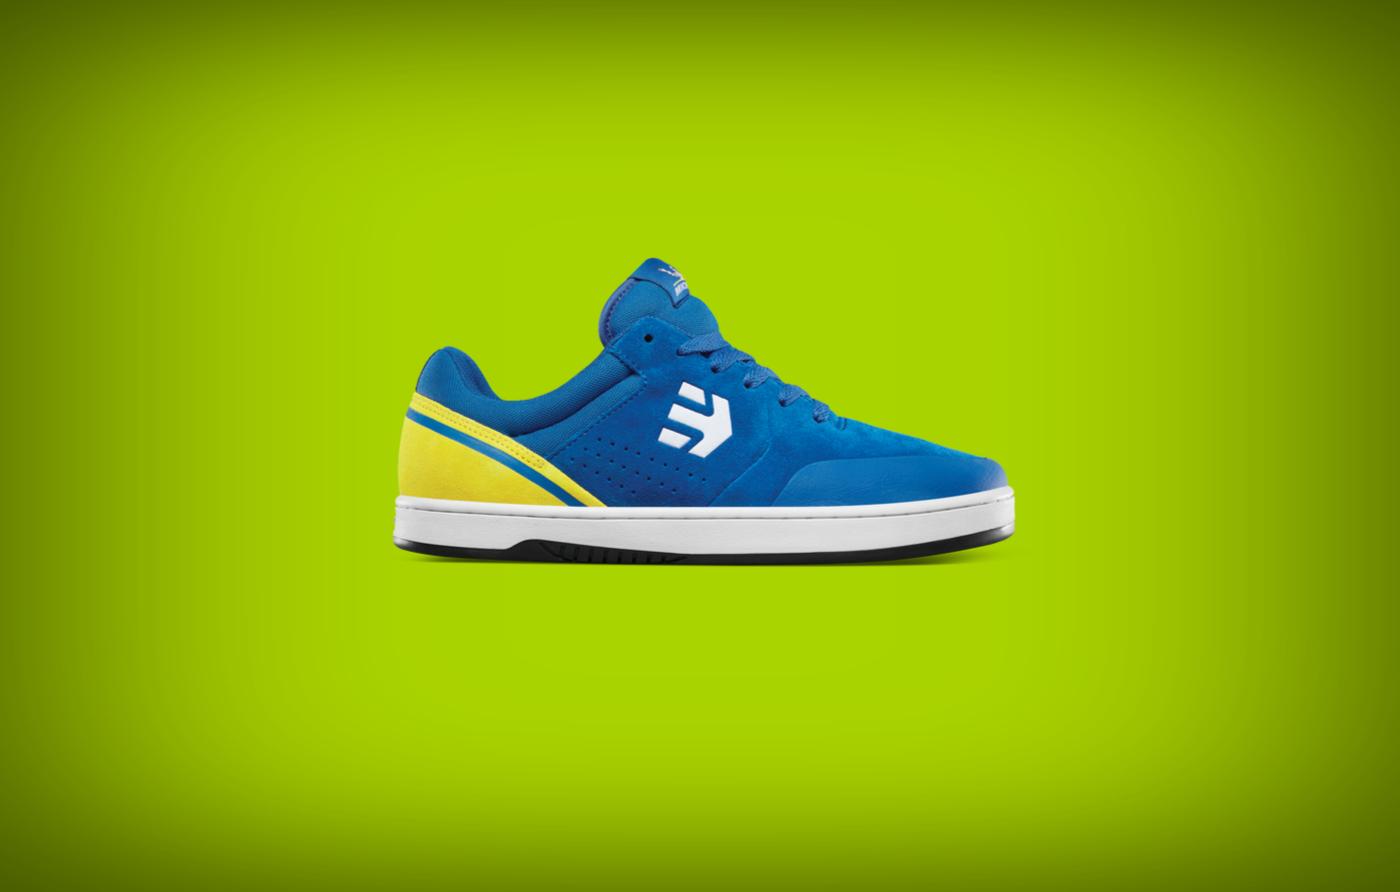 etnies marana sneakers blue yellow